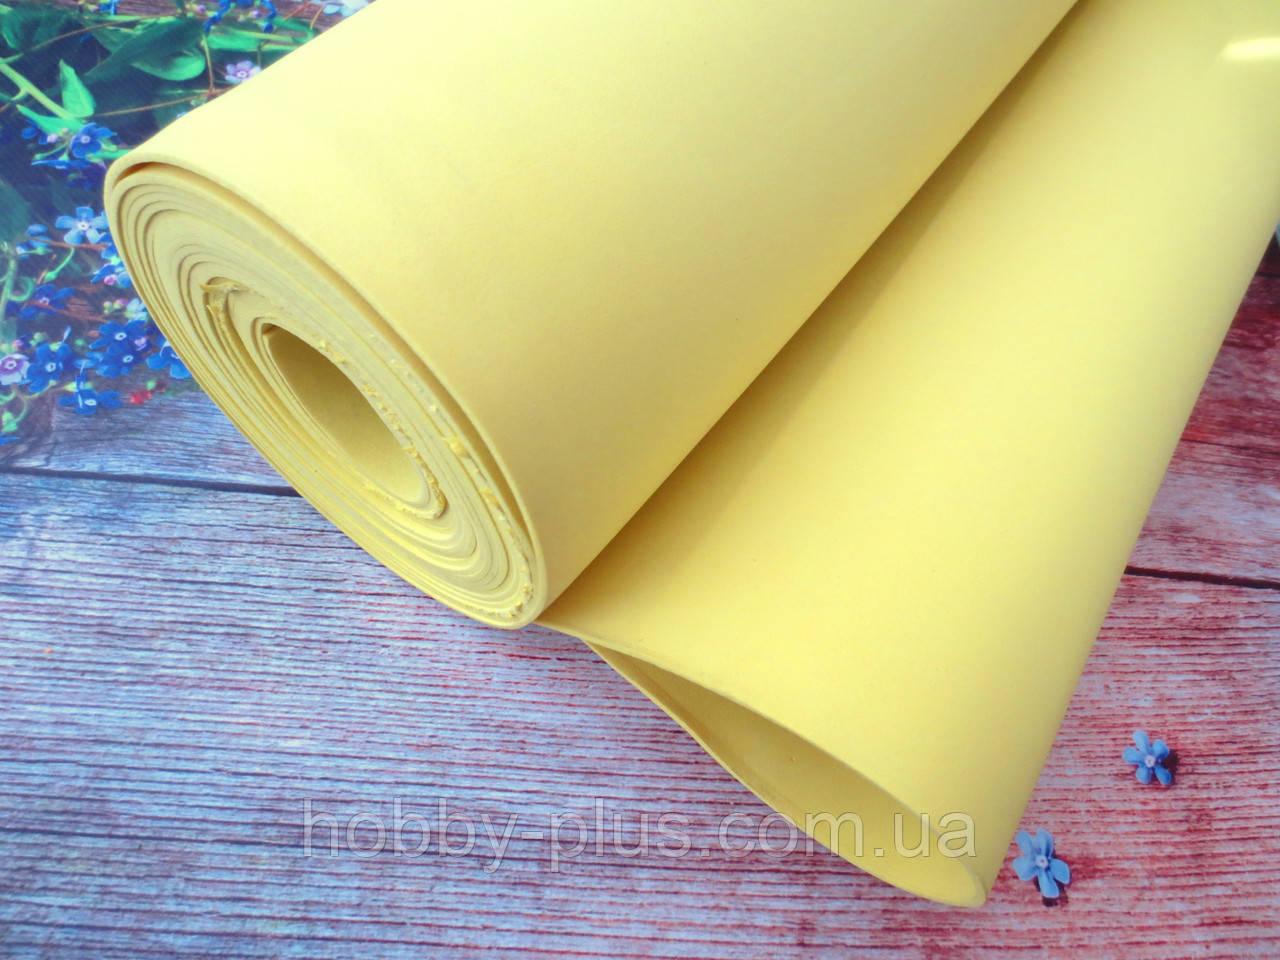 Фоамиран для ростовых цветов, 2 мм, 1х4 м, цвет СВЕТЛО-ЖЕЛТЫЙ